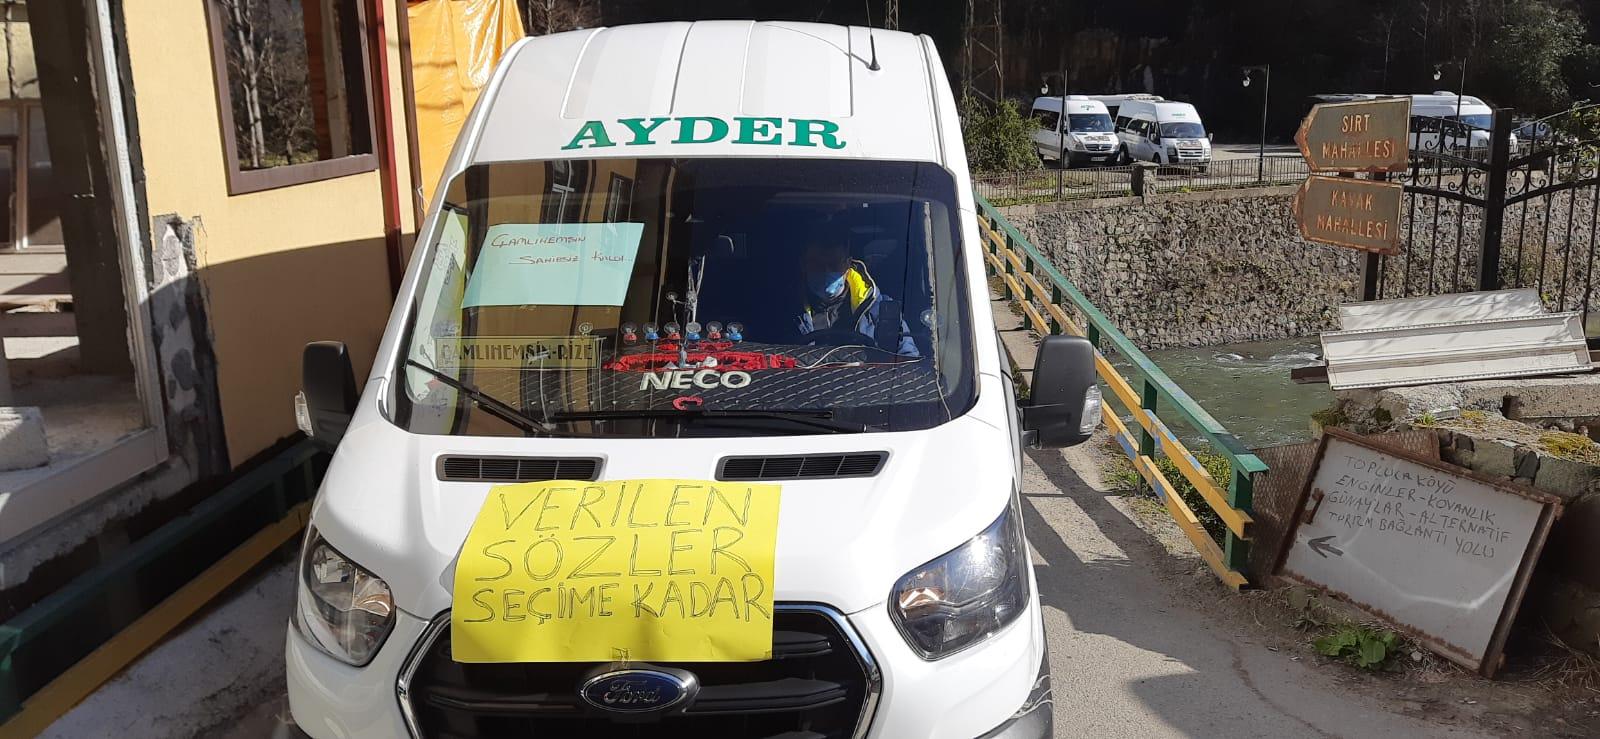 Ayder'de Minibüsçüler Kontak Kapattı Korsan Taşımacılığı Protesto Etti